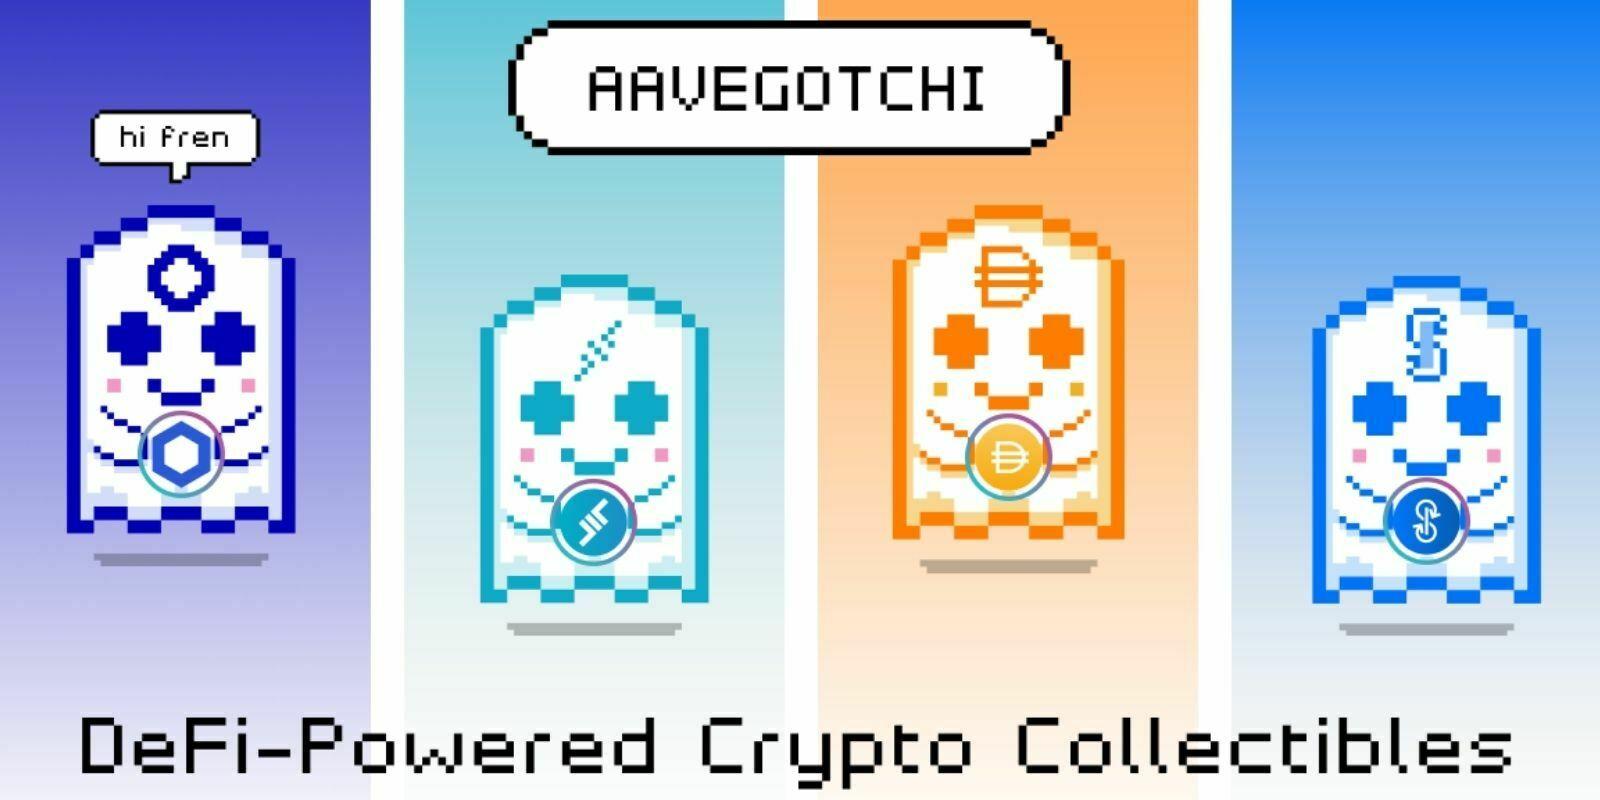 Aavegotchi, ces compagnons virtuels qui peuvent rapporter gros